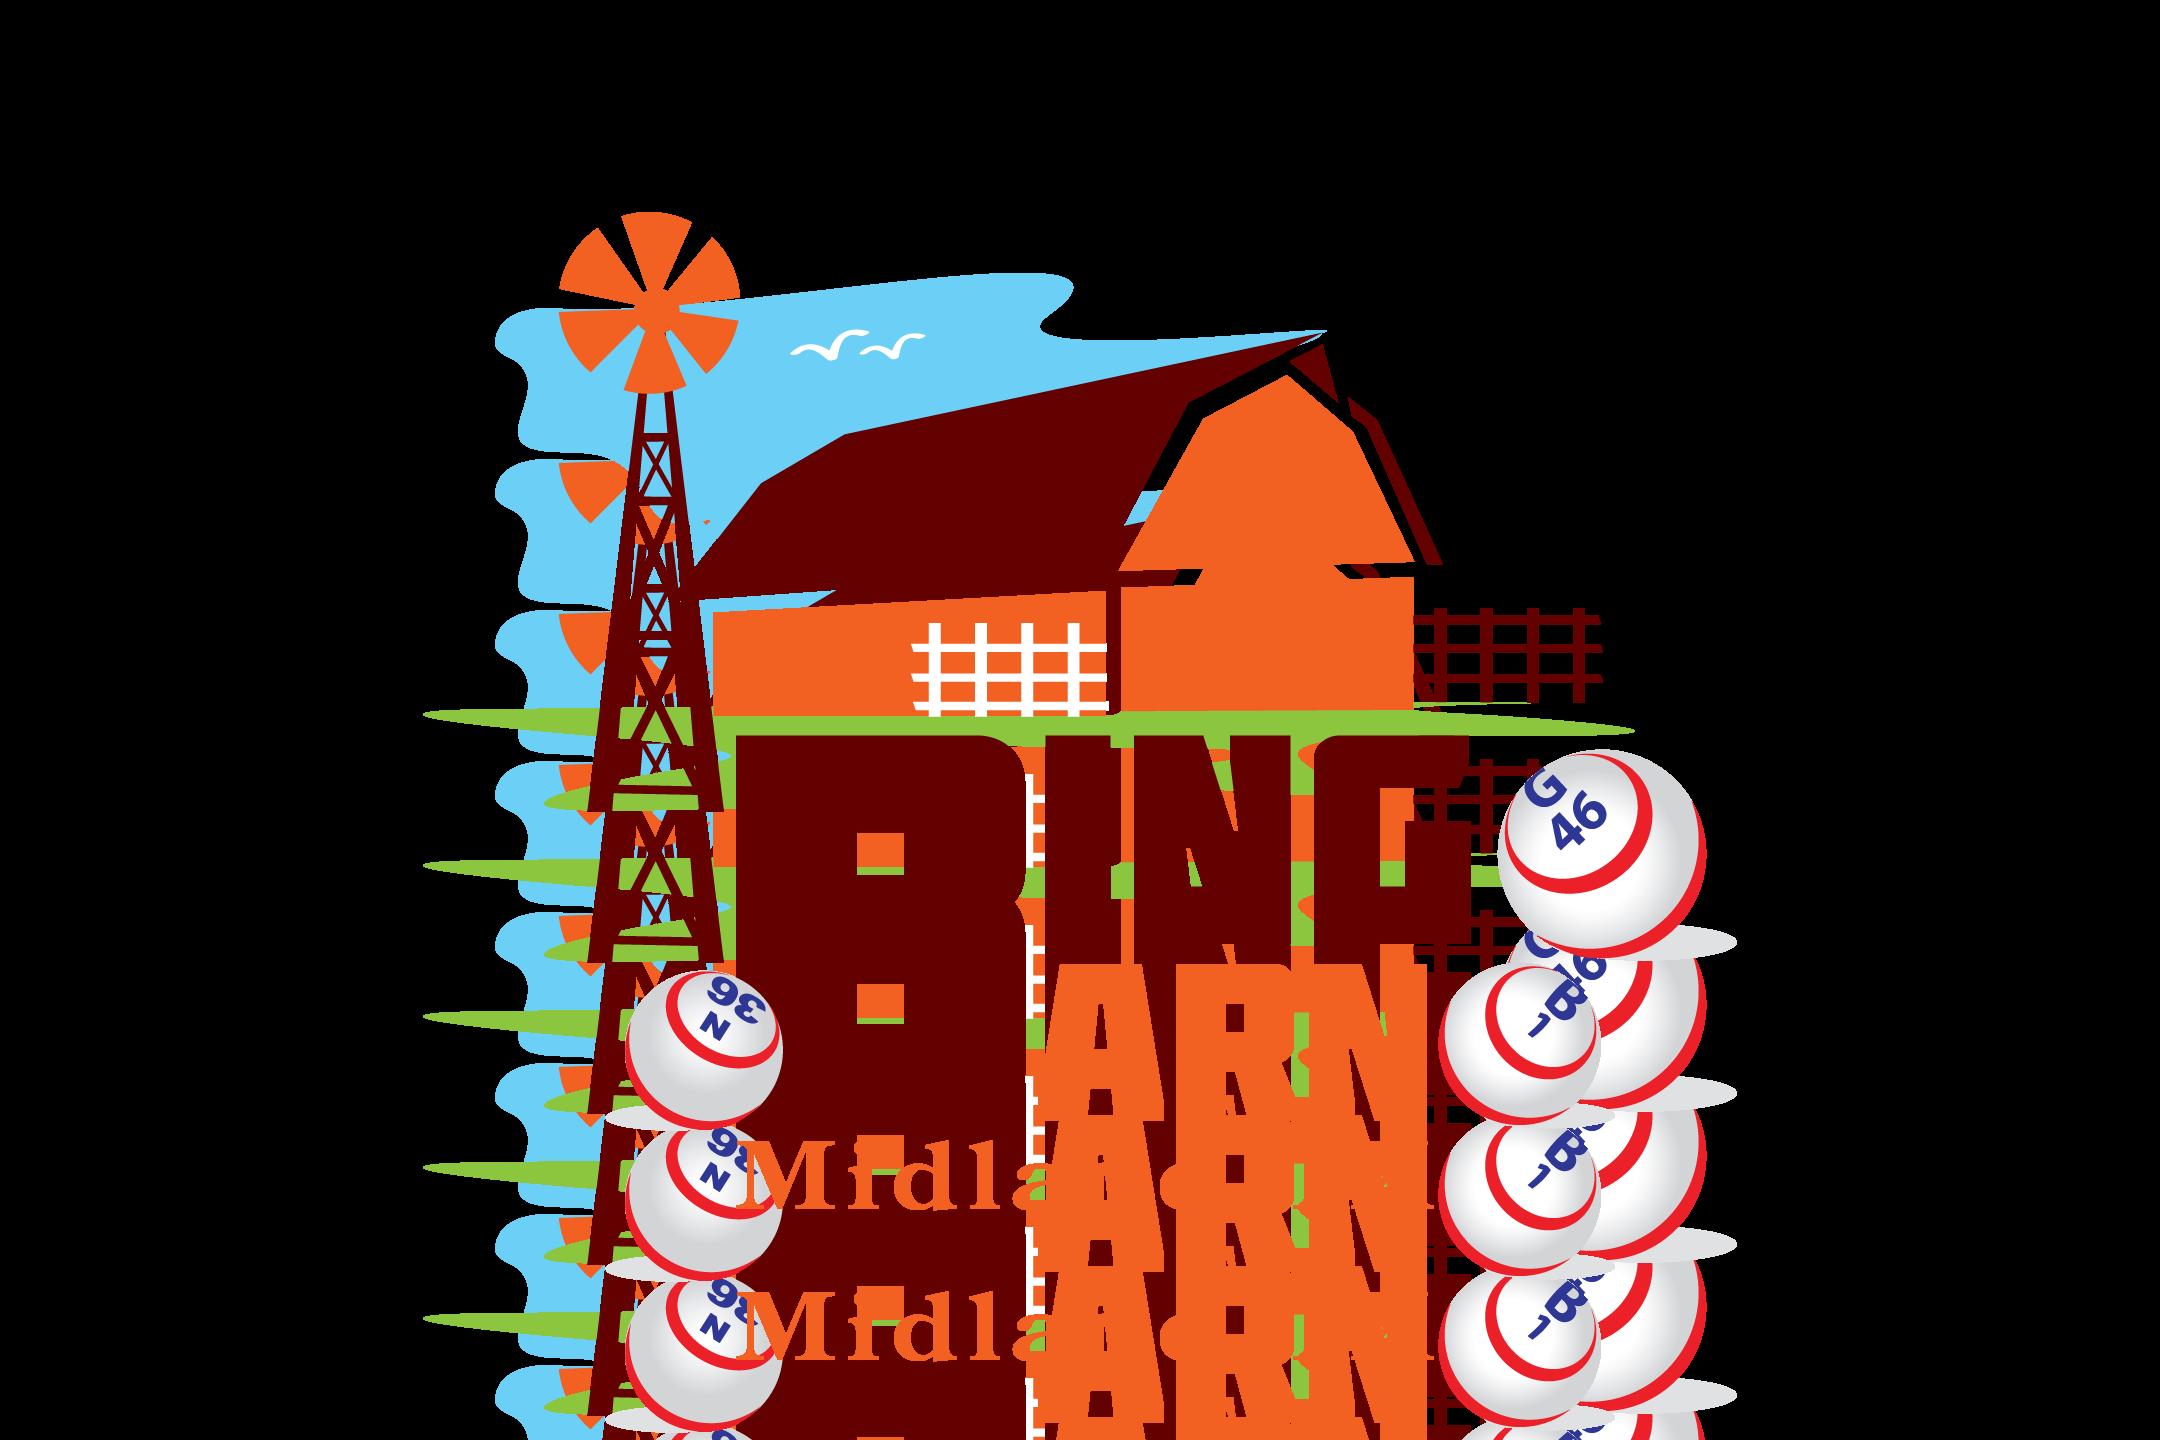 Midland Bingo